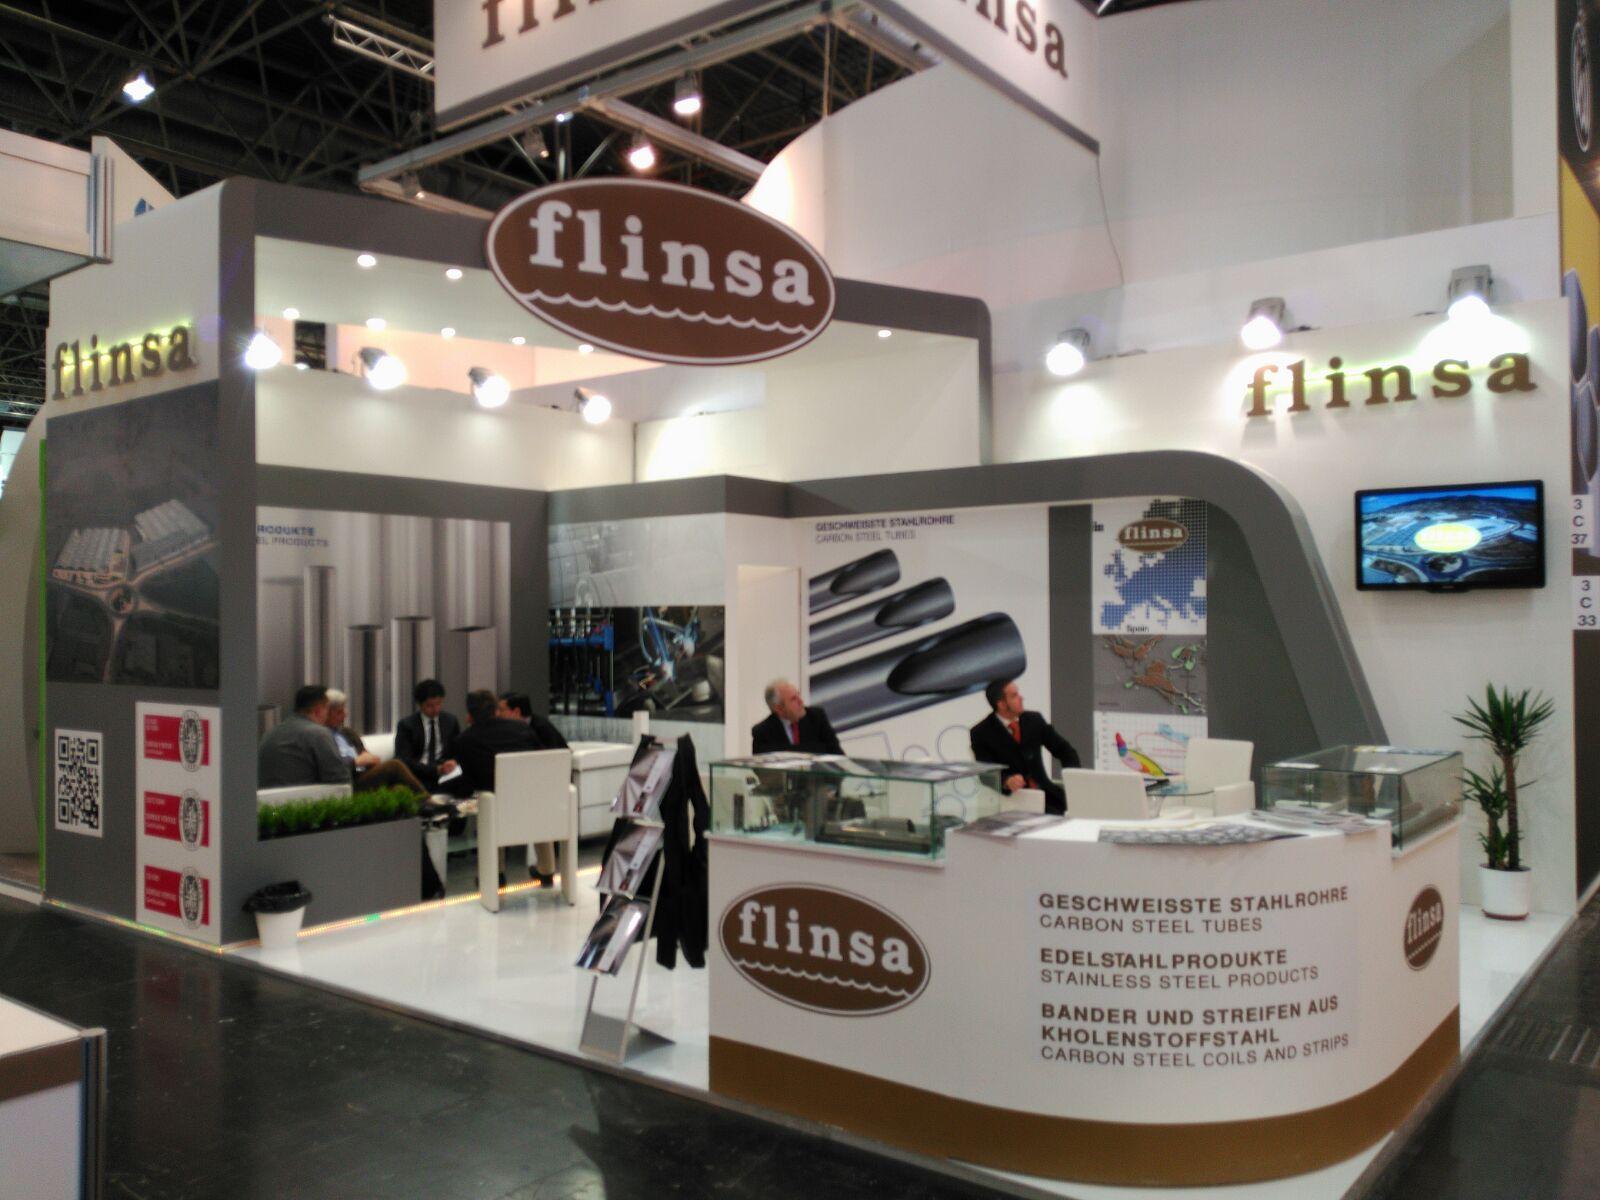 IBIAE - FLINSA- TUBE 2016 DÜSSELDORF